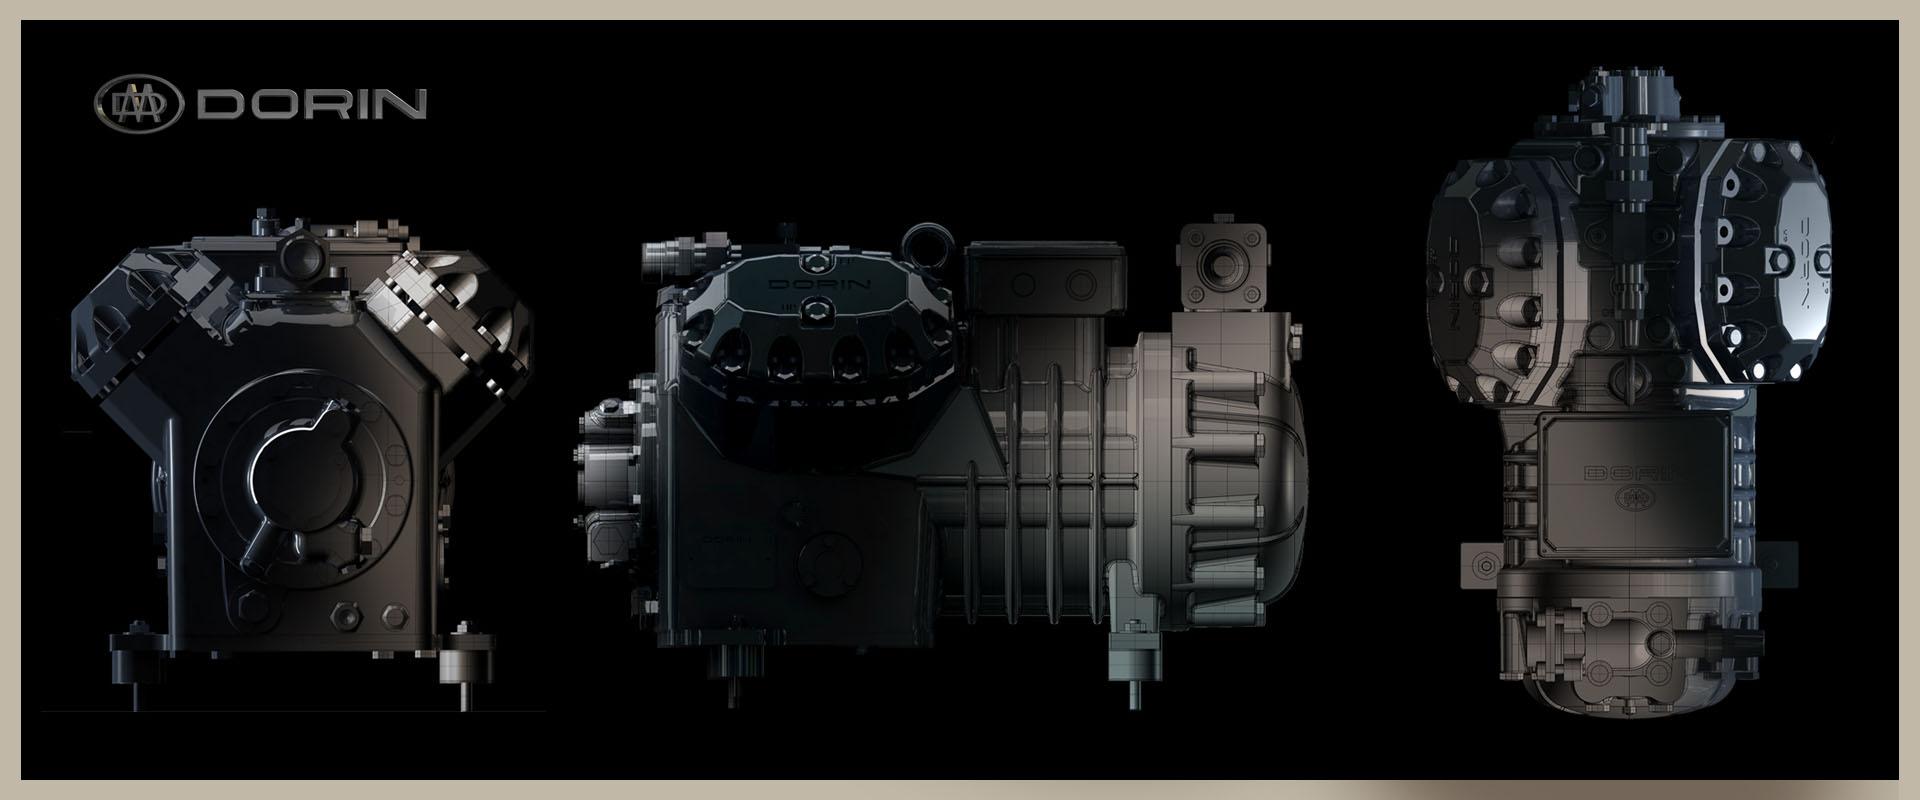 aironic_ugo-capparelli_design_comunicazione_dorin_rendering_compressori